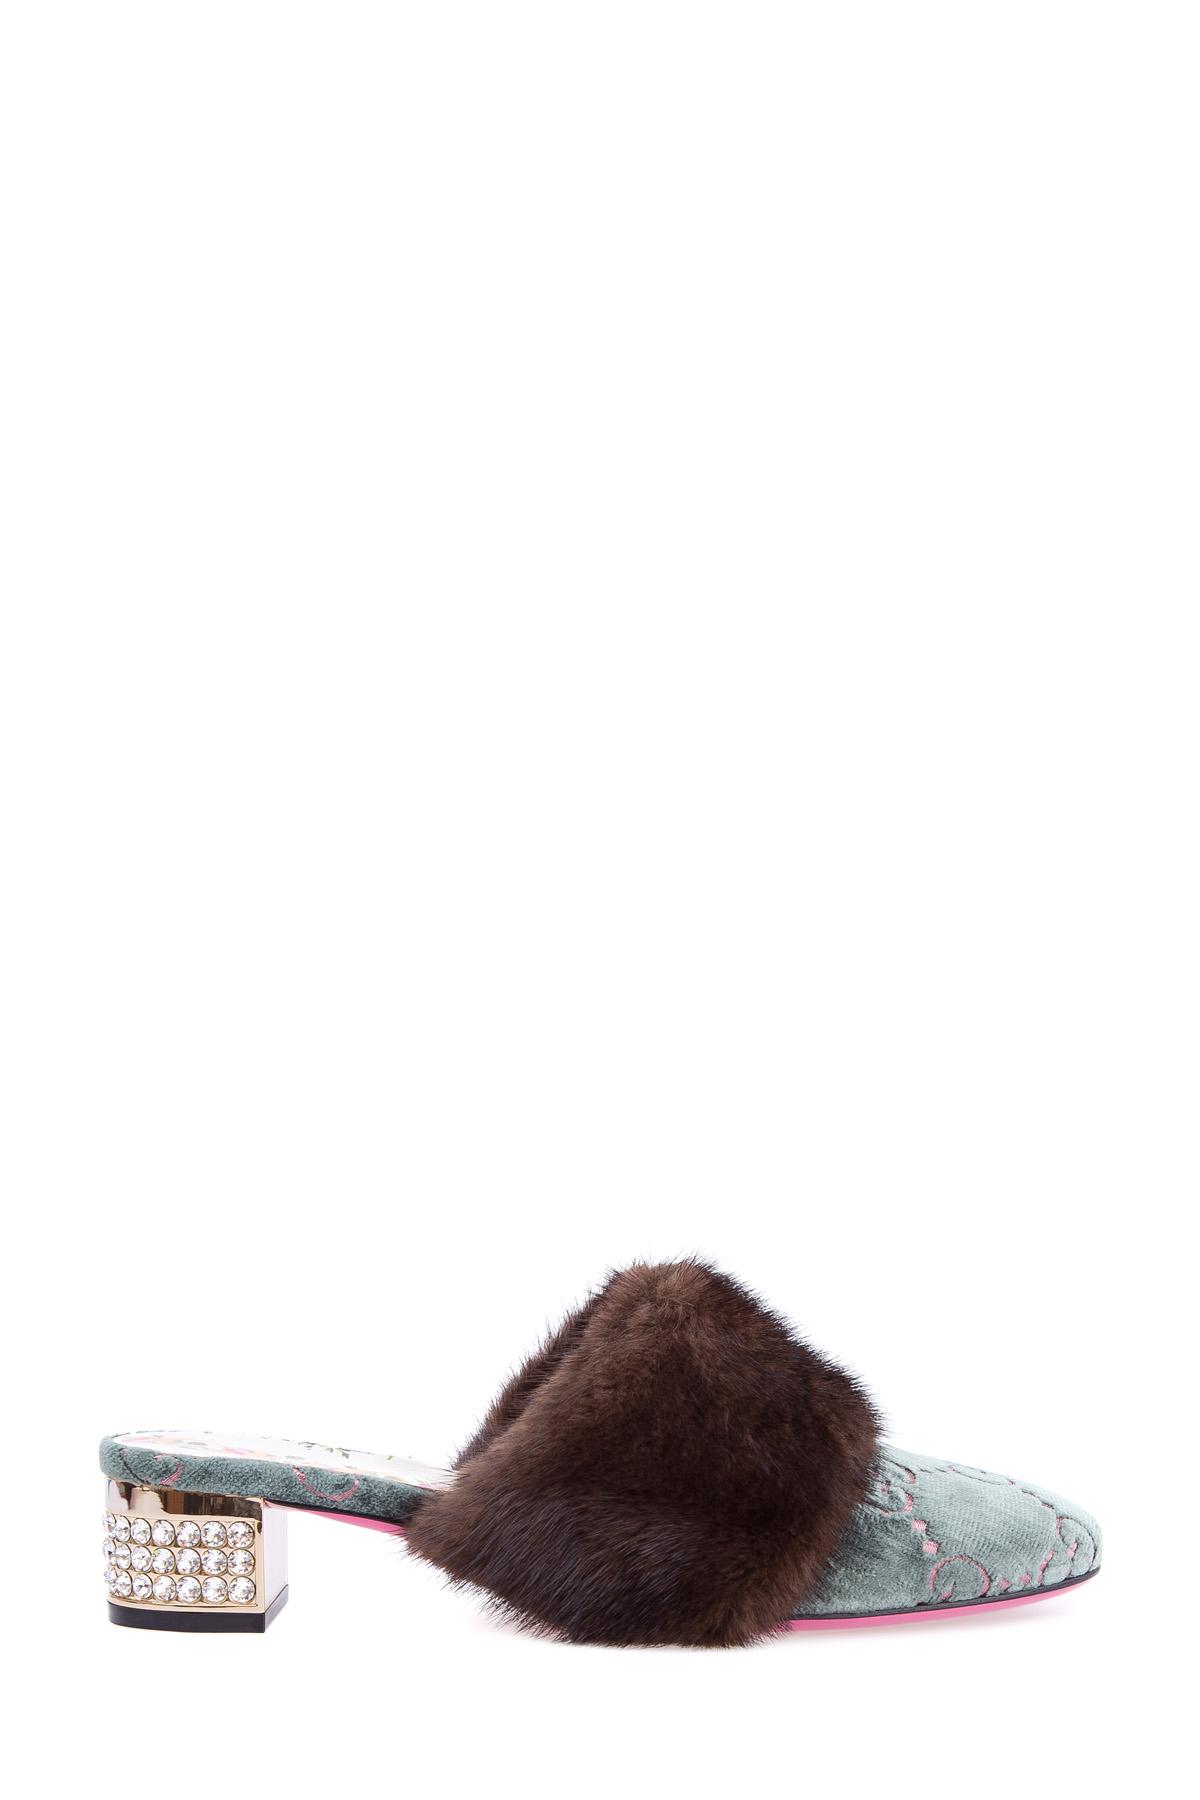 Мюли с отделкой бархатом с жаккардовым узором GG и отделкой мехом норки